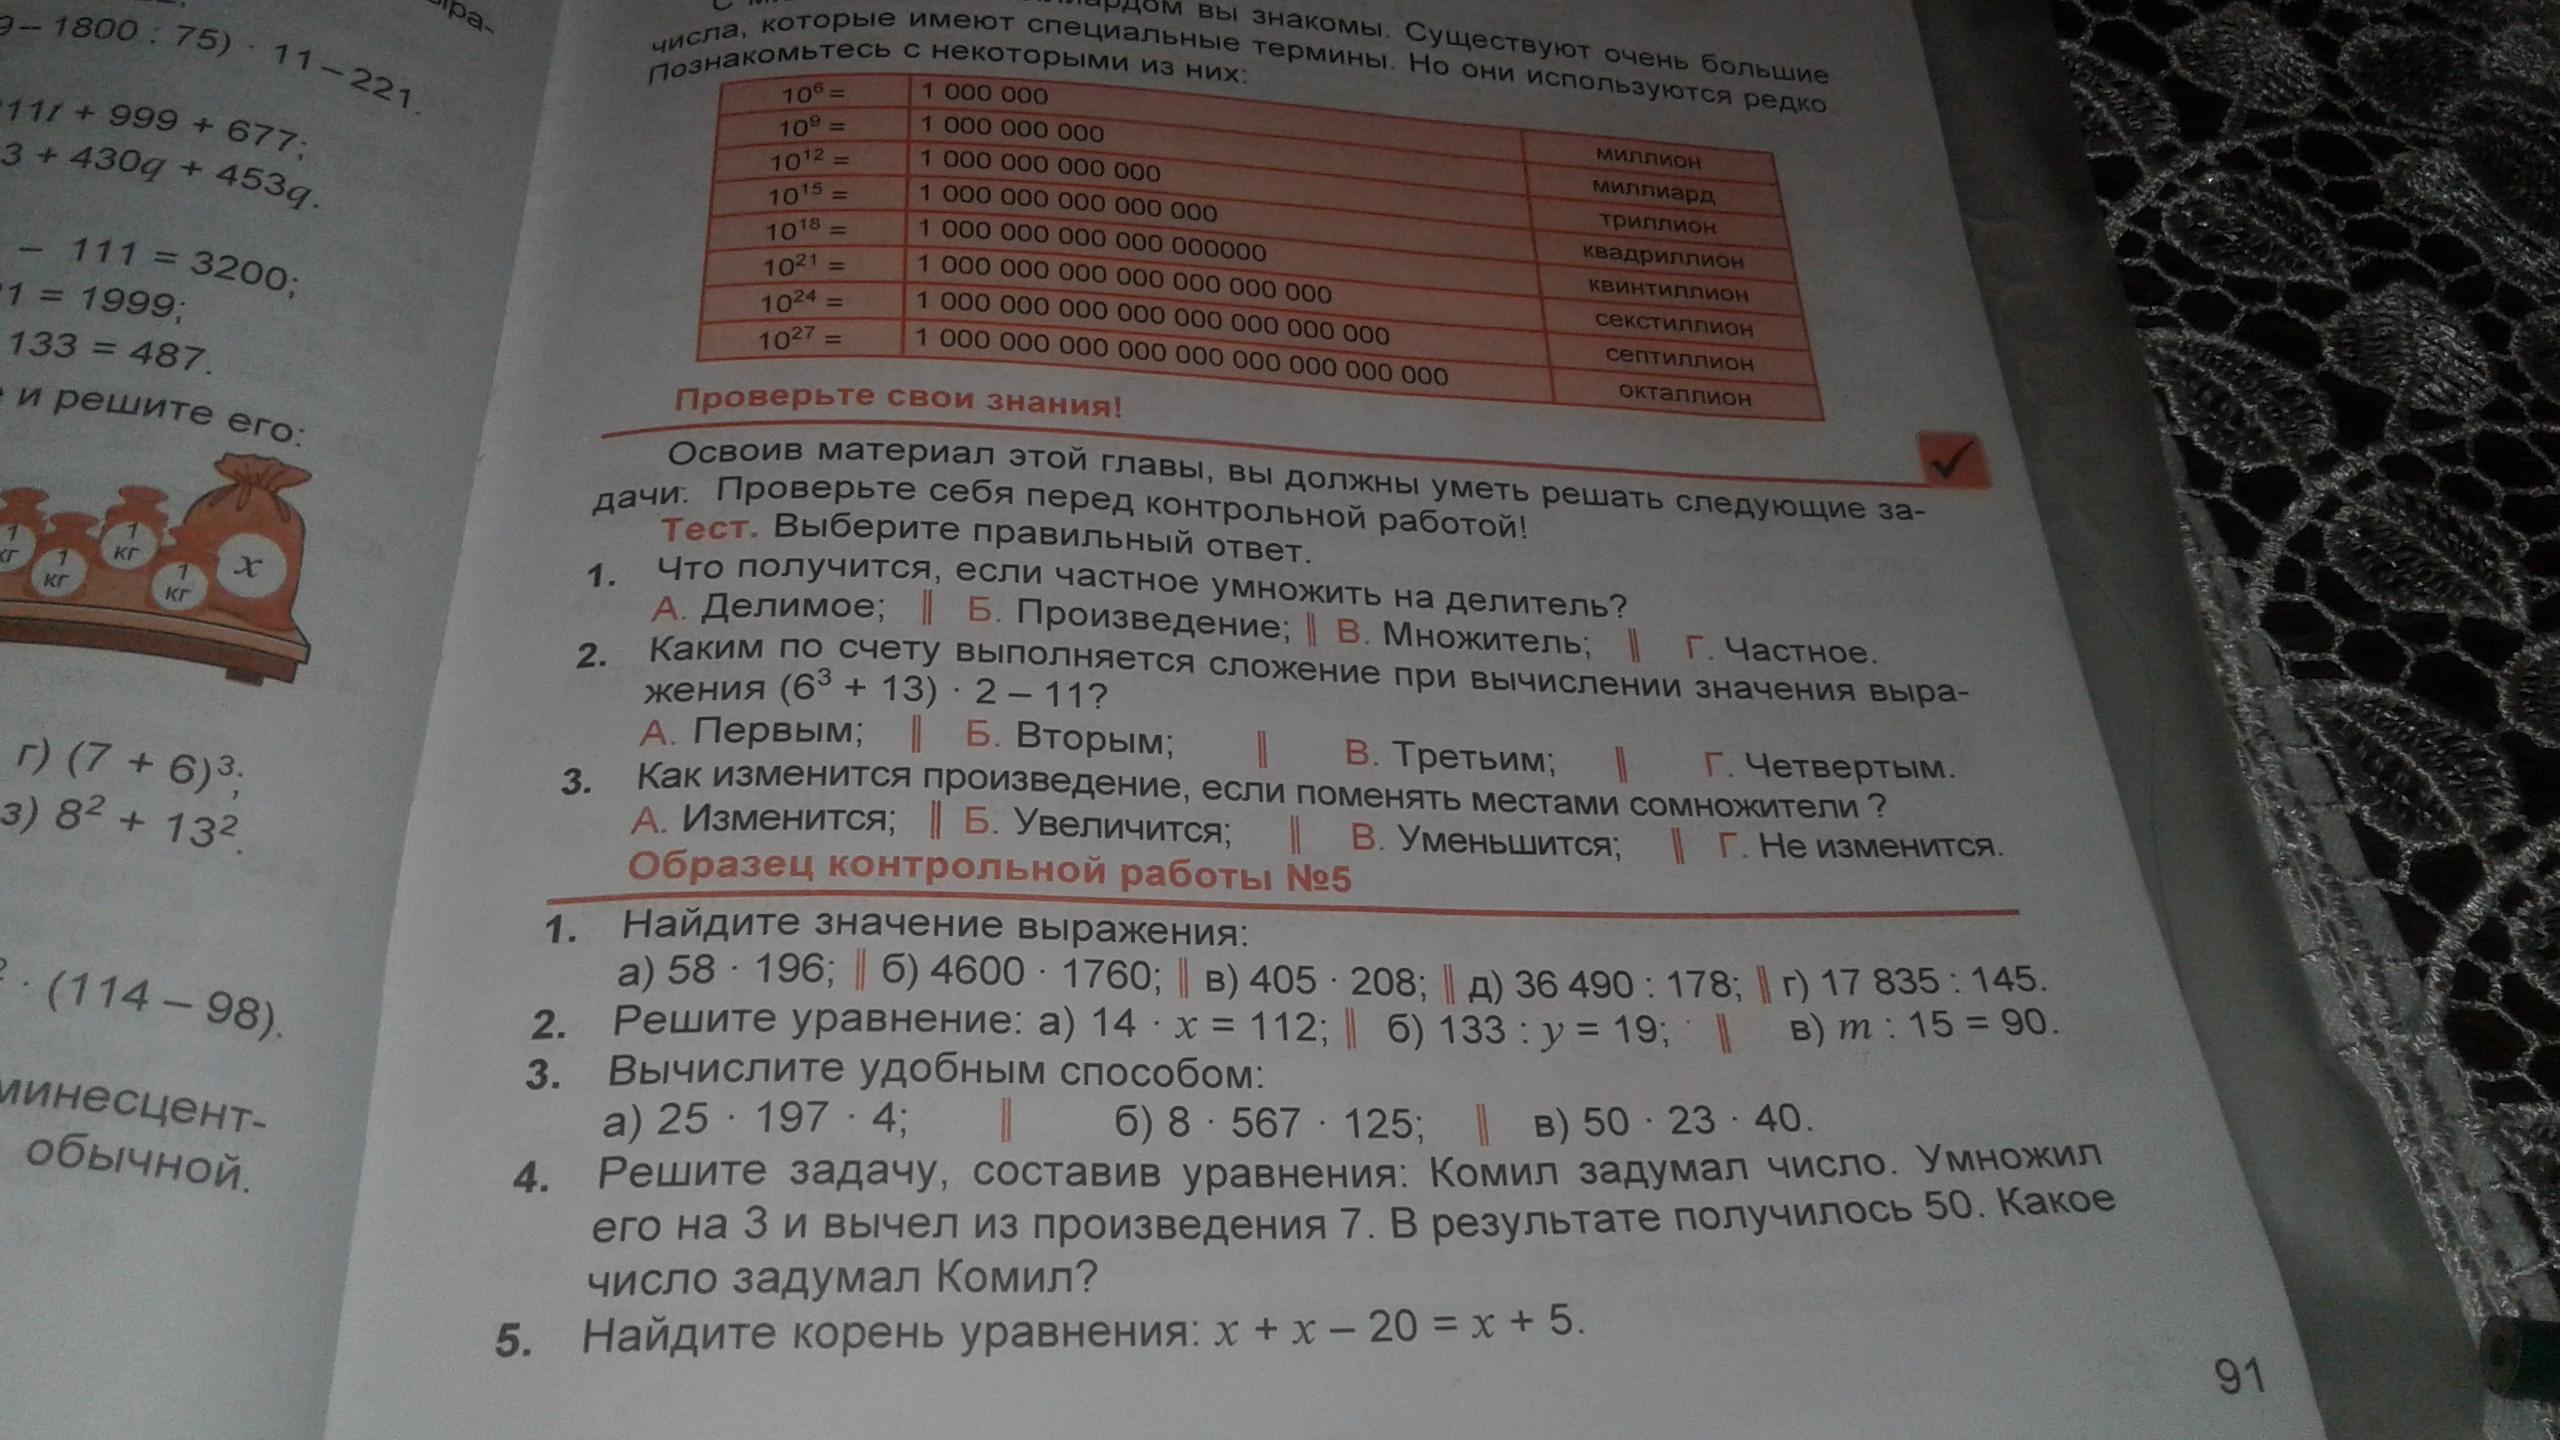 Образец контрольной работы Задание Зада Школьные Знания com Образец контрольной работы Задание 4 Задание 5